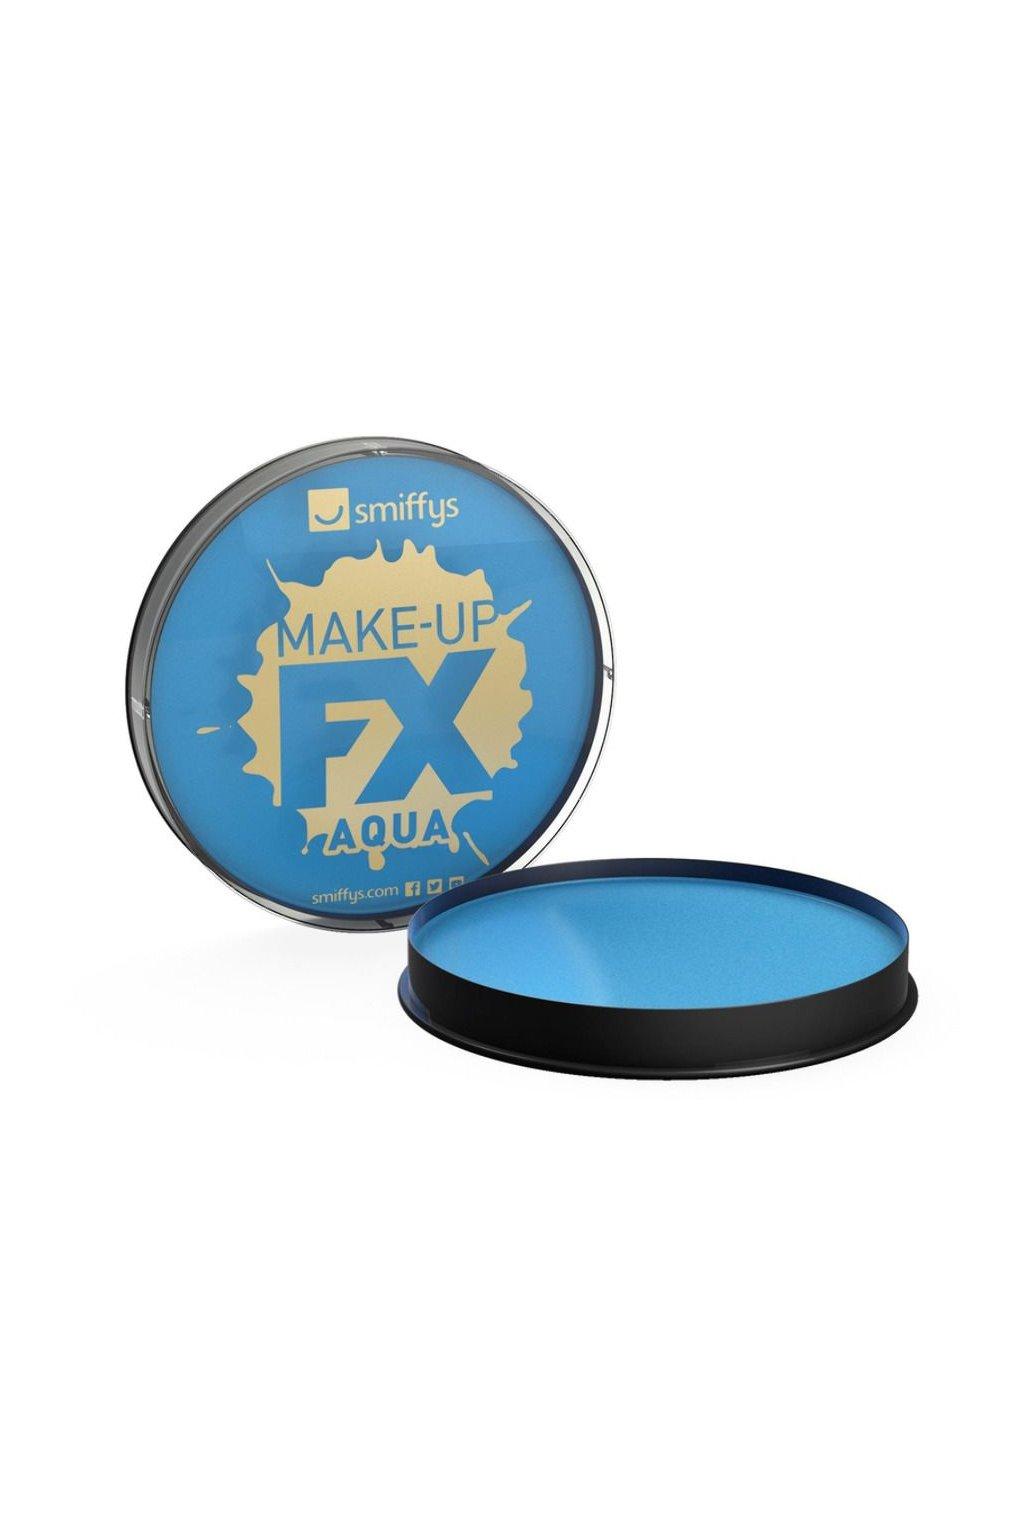 Barva na obličej a tělo - Make-up - Světle modrý